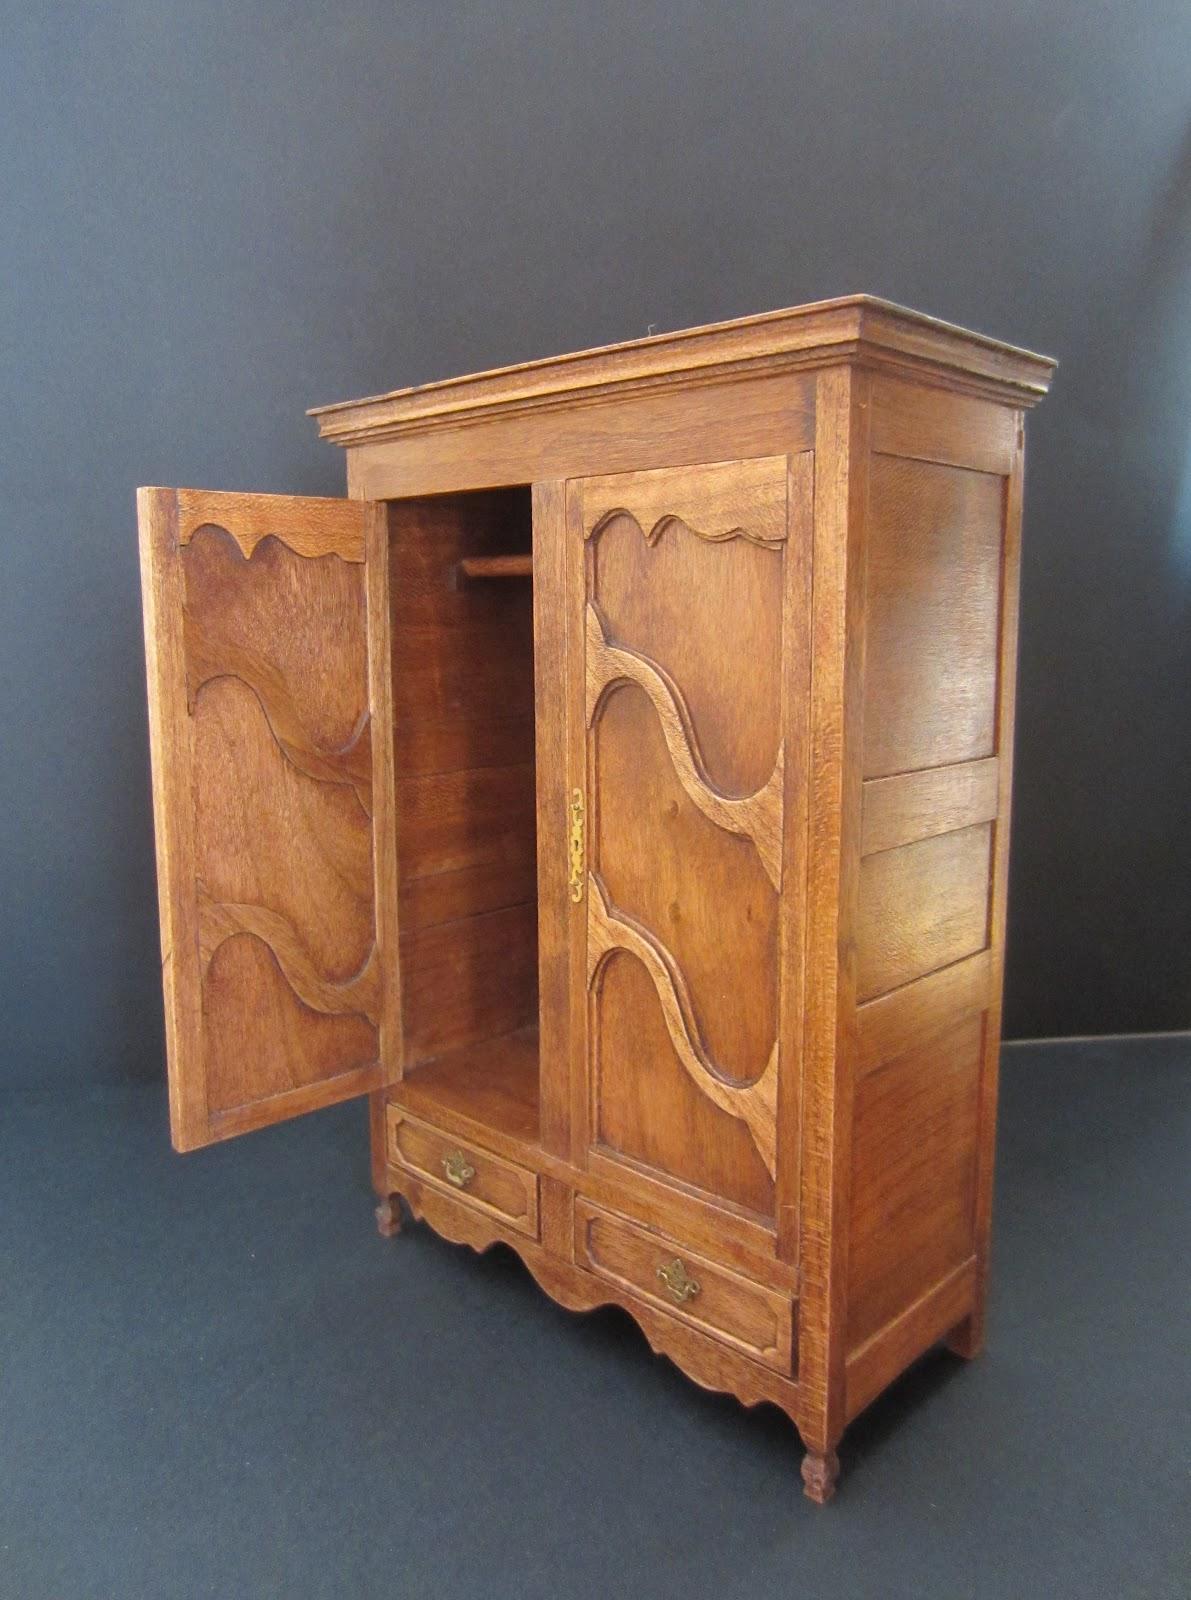 Fotos de muebles de dormitorios de maderas - Muebles rusticos modernos madera ...